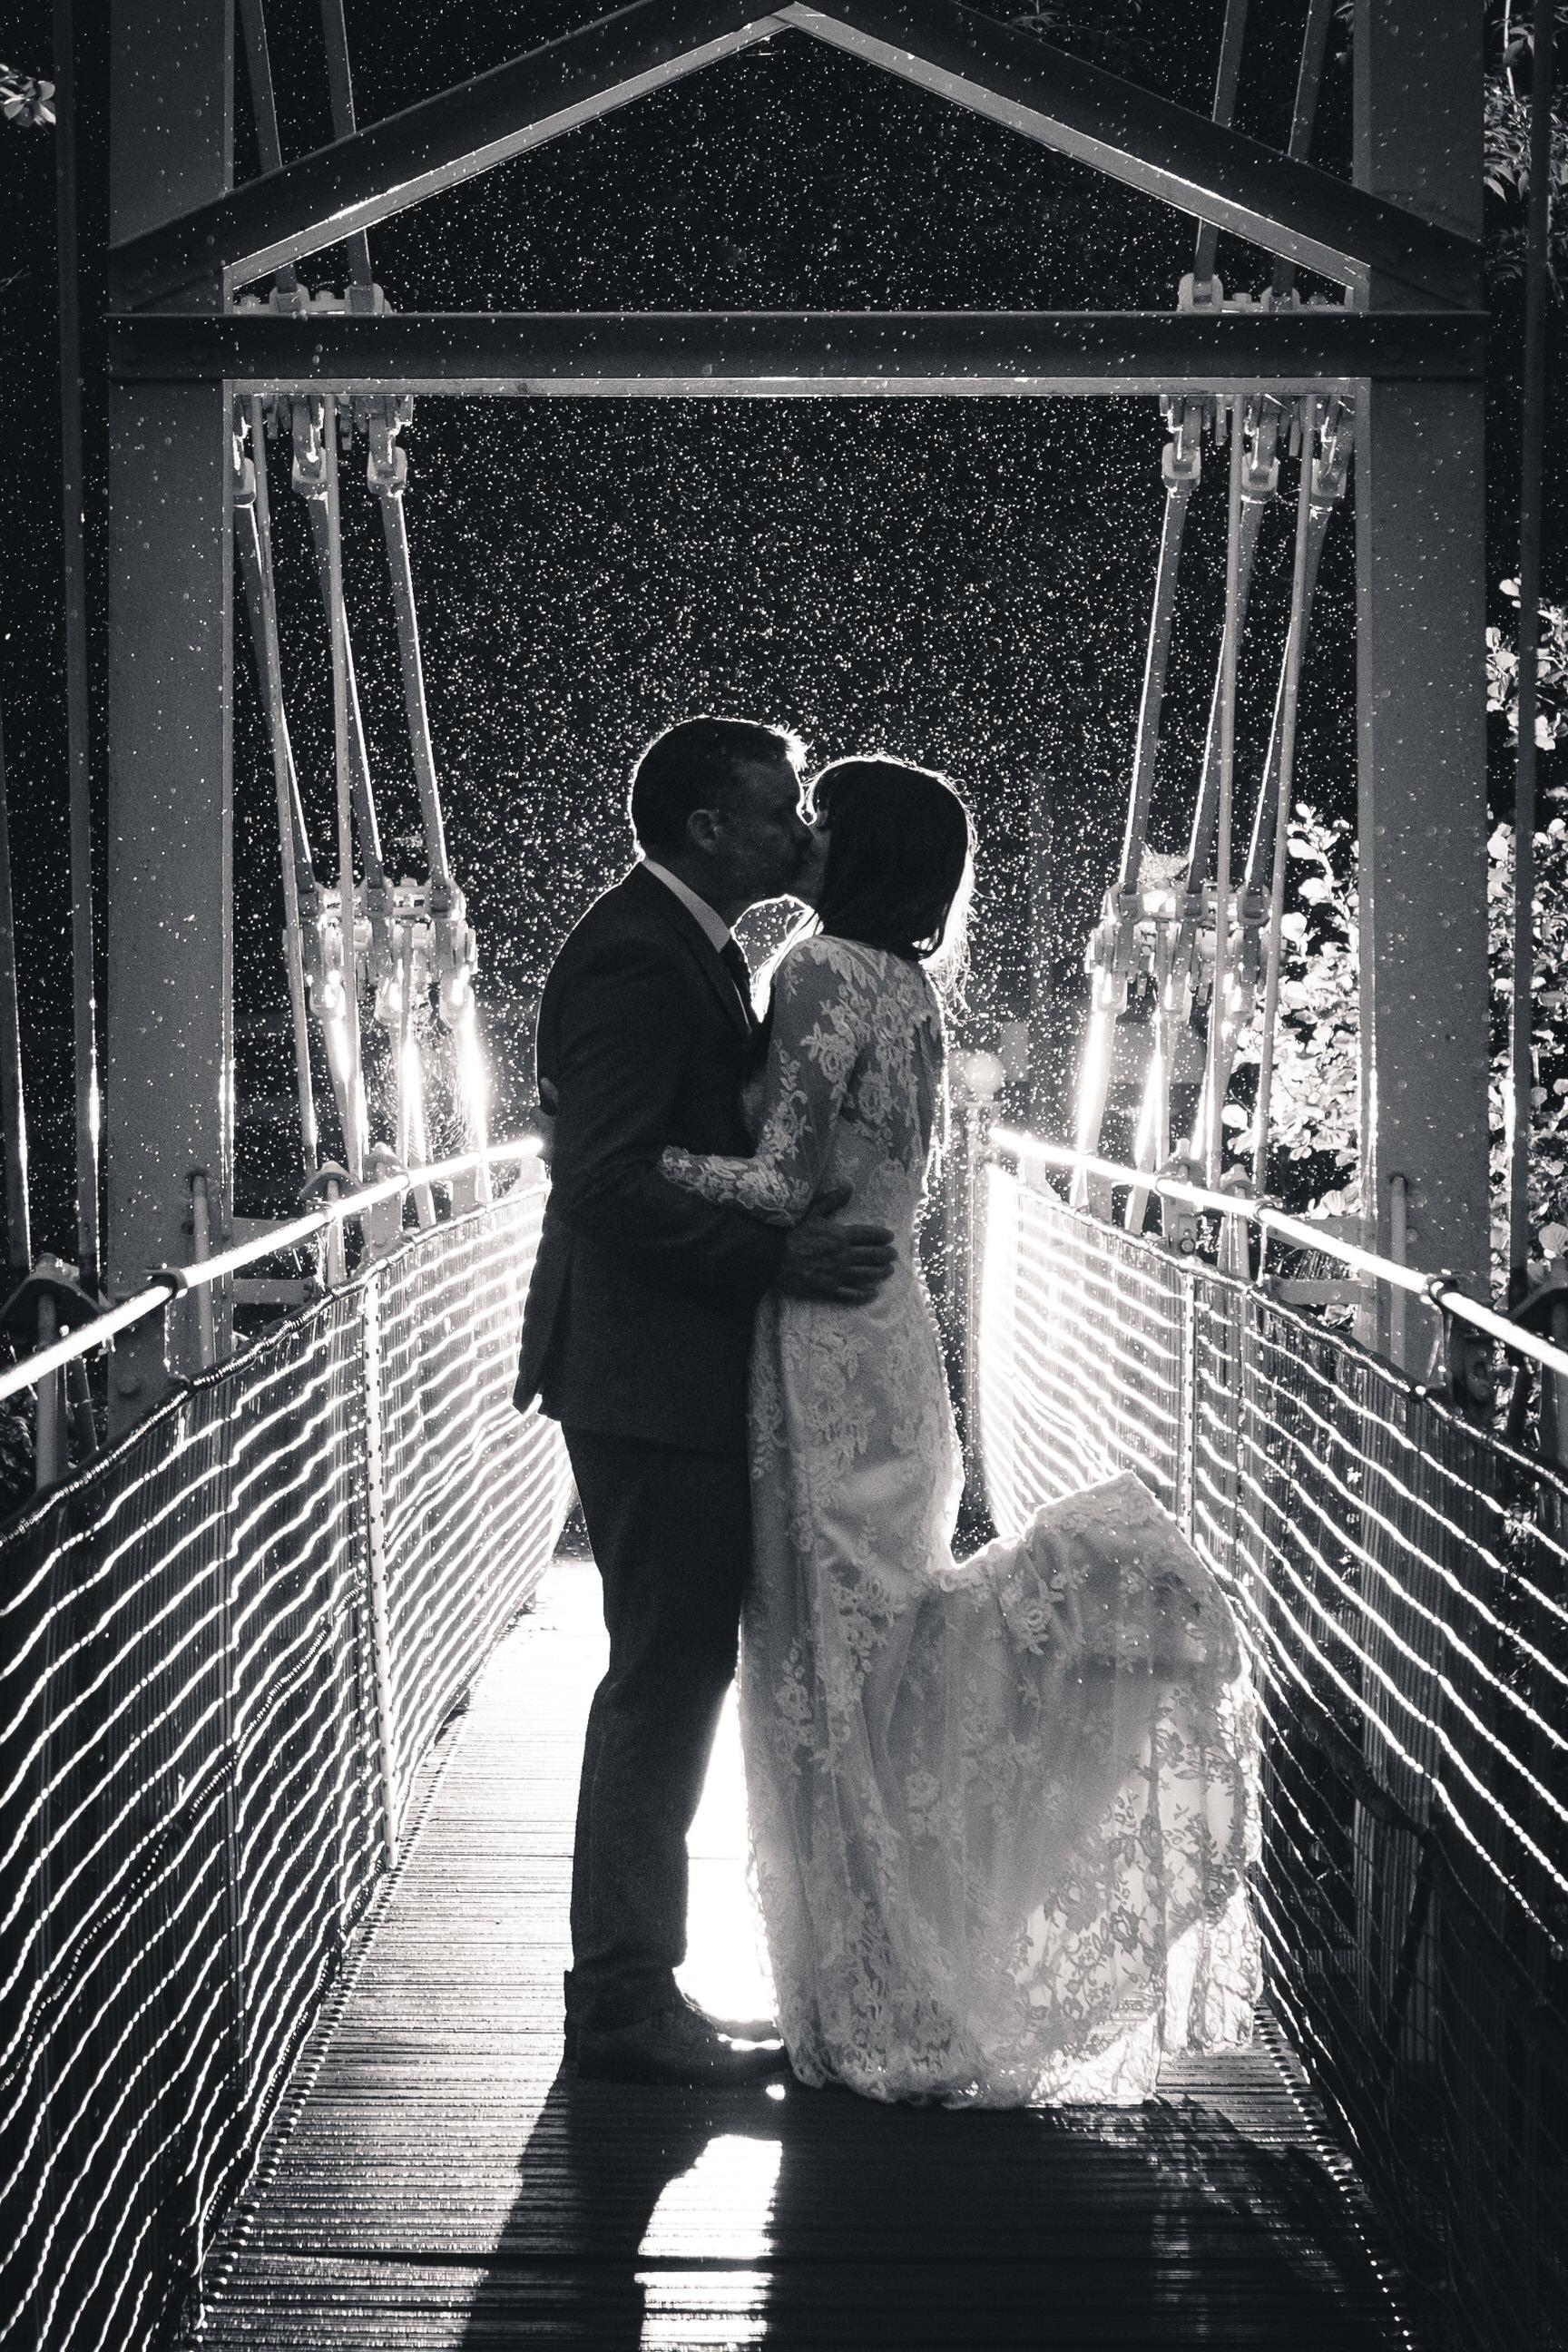 chainbridge-wedding-leeds-wedding-photographer-43.jpg